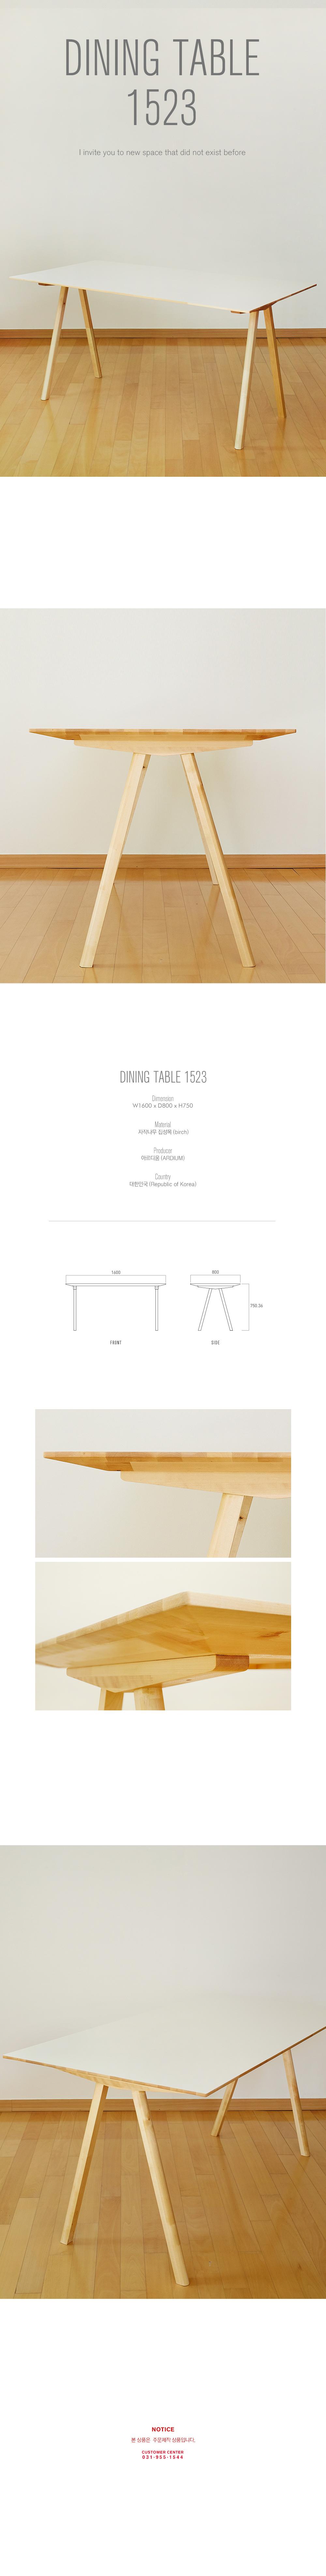 다이닝 테이블 1523 - 아르디움 스페이스, 580,000원, 식탁/의자, 4인 식탁/세트